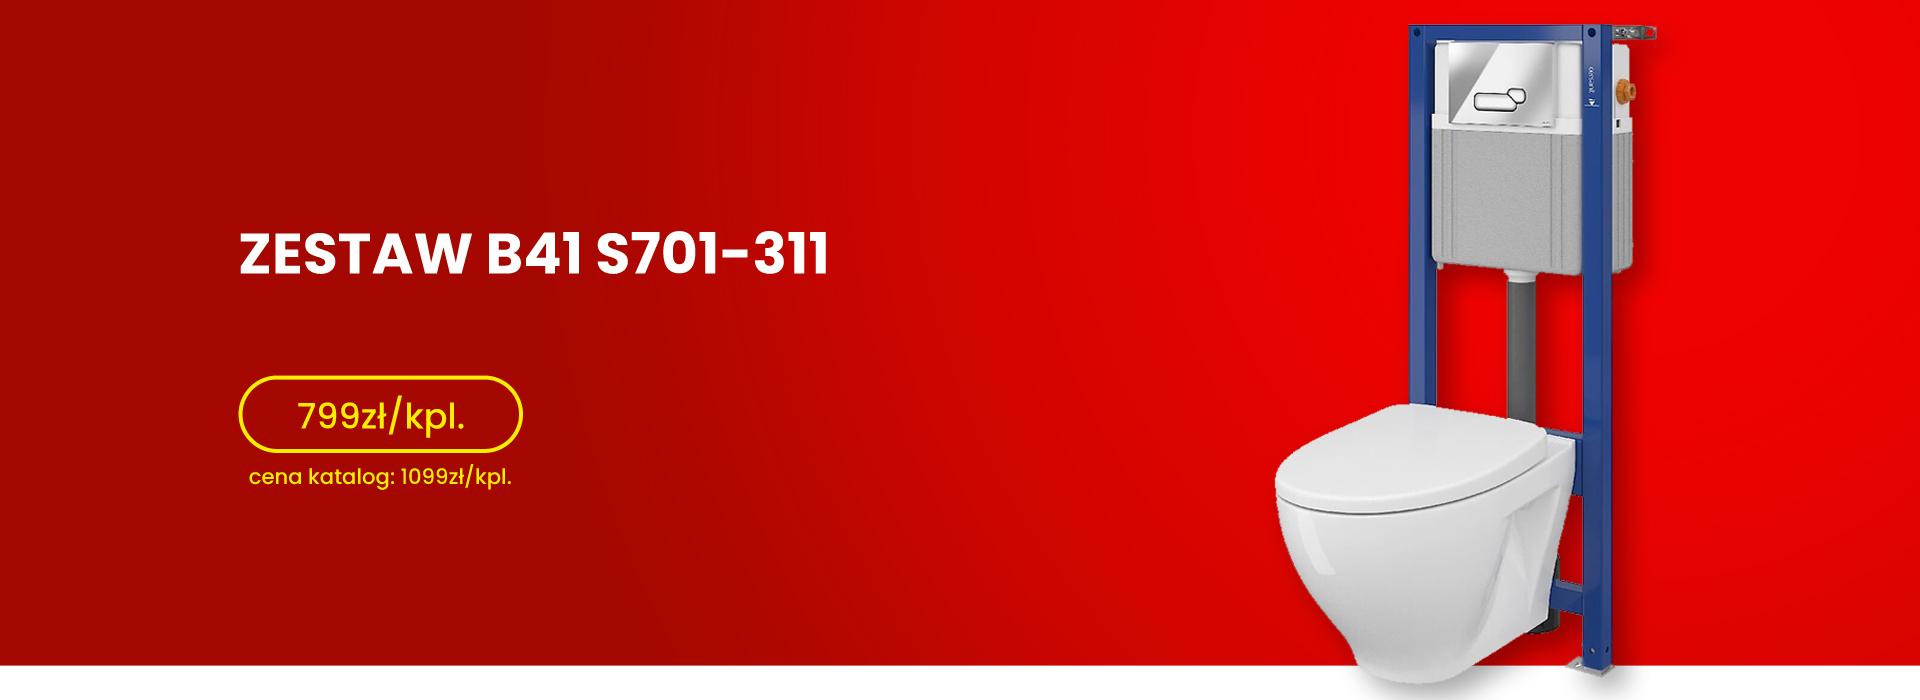 Zestaw B41 S701-311